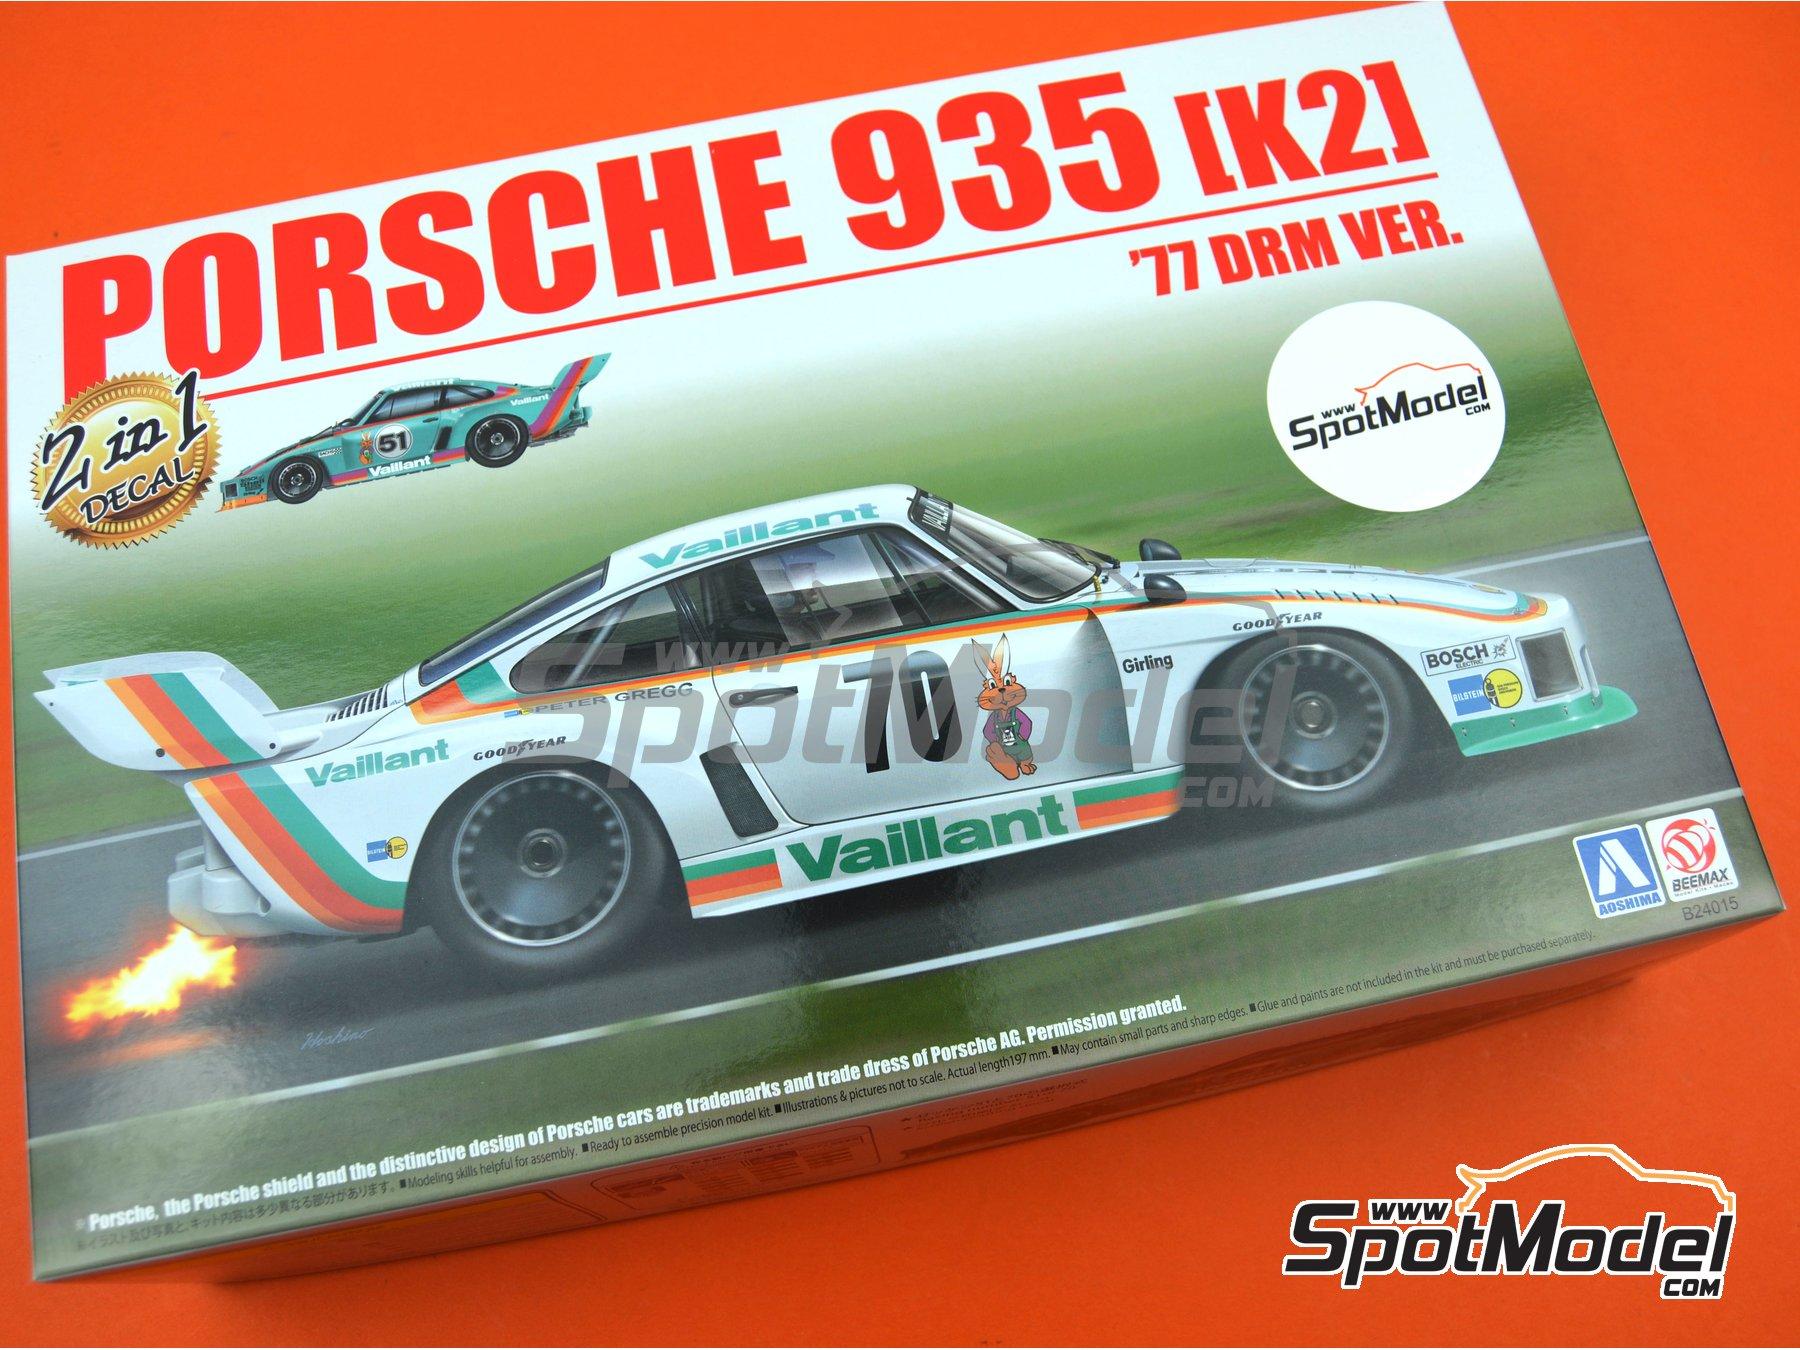 Image 12: Porsche 935 K2 Kremer Vaillant - Campeonato Alemán de Automovilismo - Deutsche Rennsport Meisterschaft DRM 1977 | Maqueta de coche en escala1/24 fabricado por Beemax Model Kits (ref.B24015, tambien 105108, aos10510 y 4905083105108)